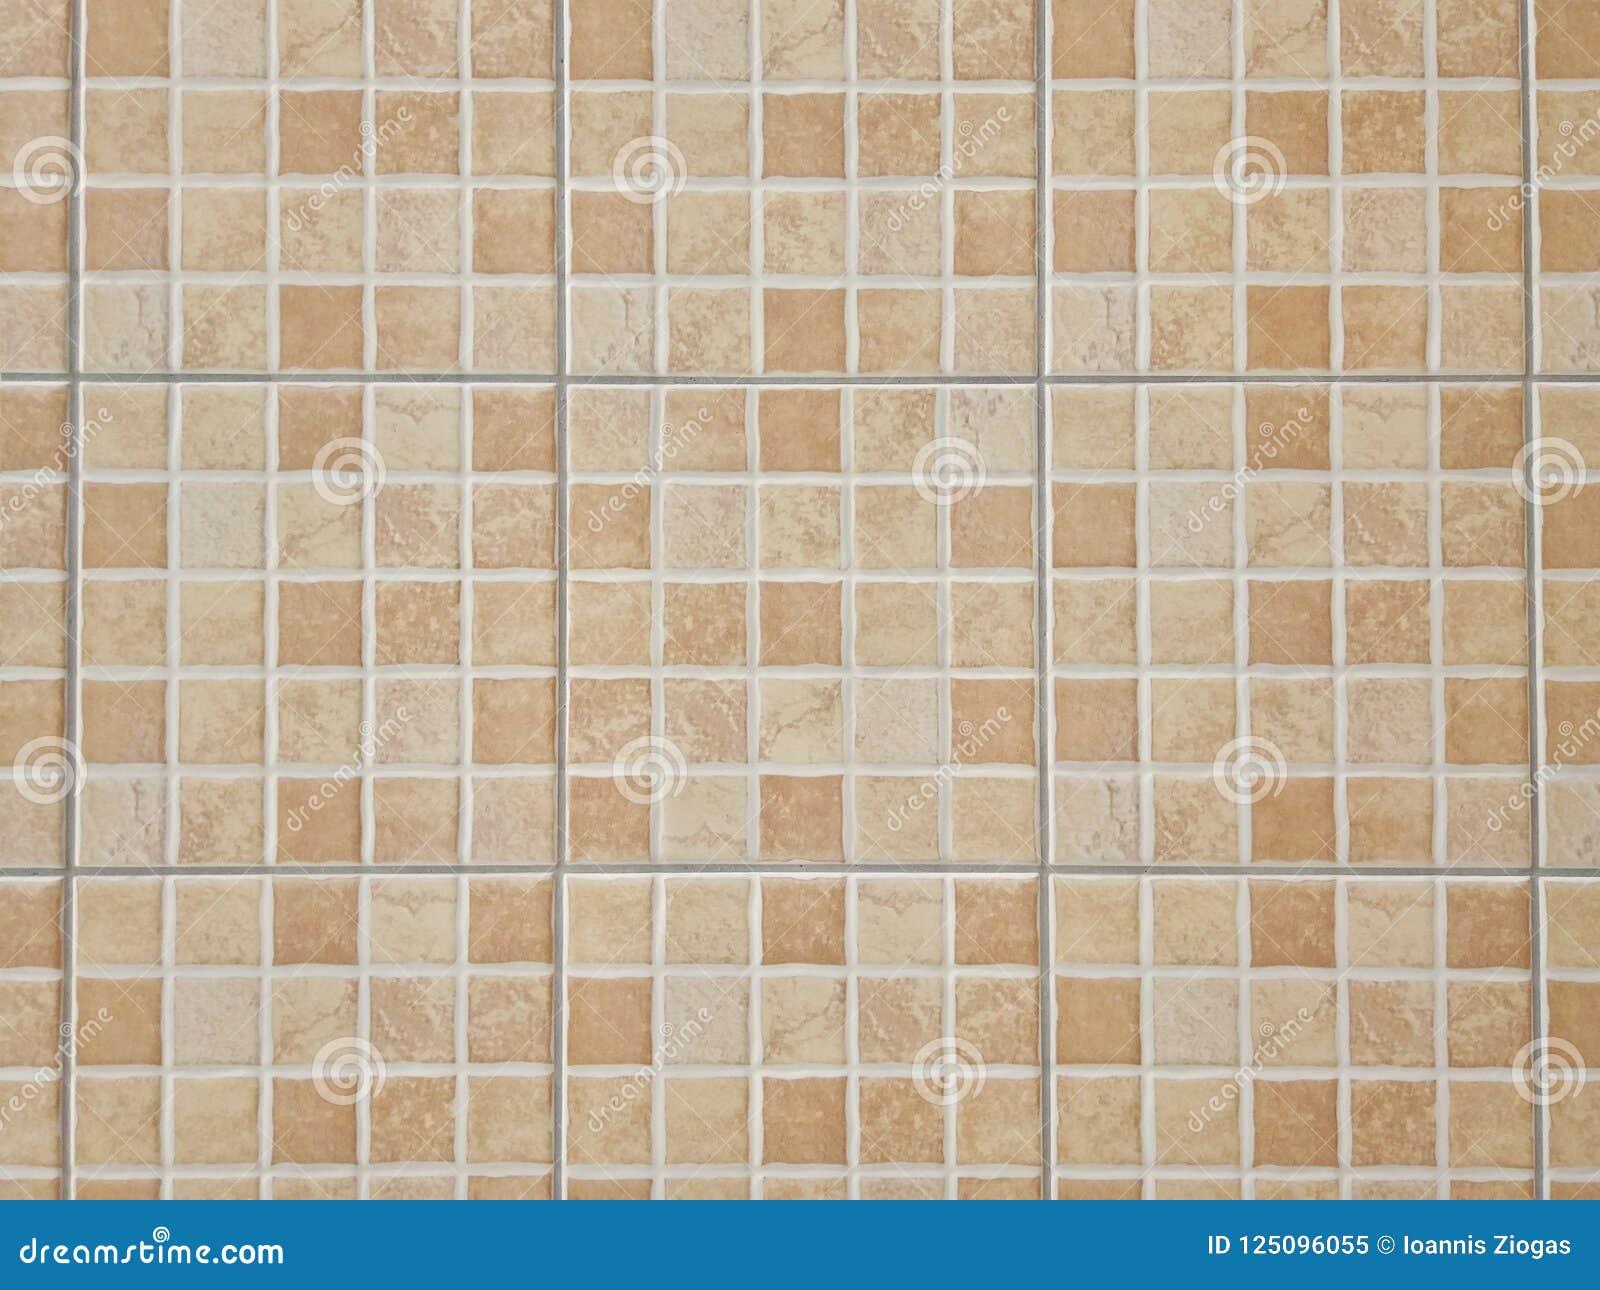 Floor Tiles Texture Backround Top View